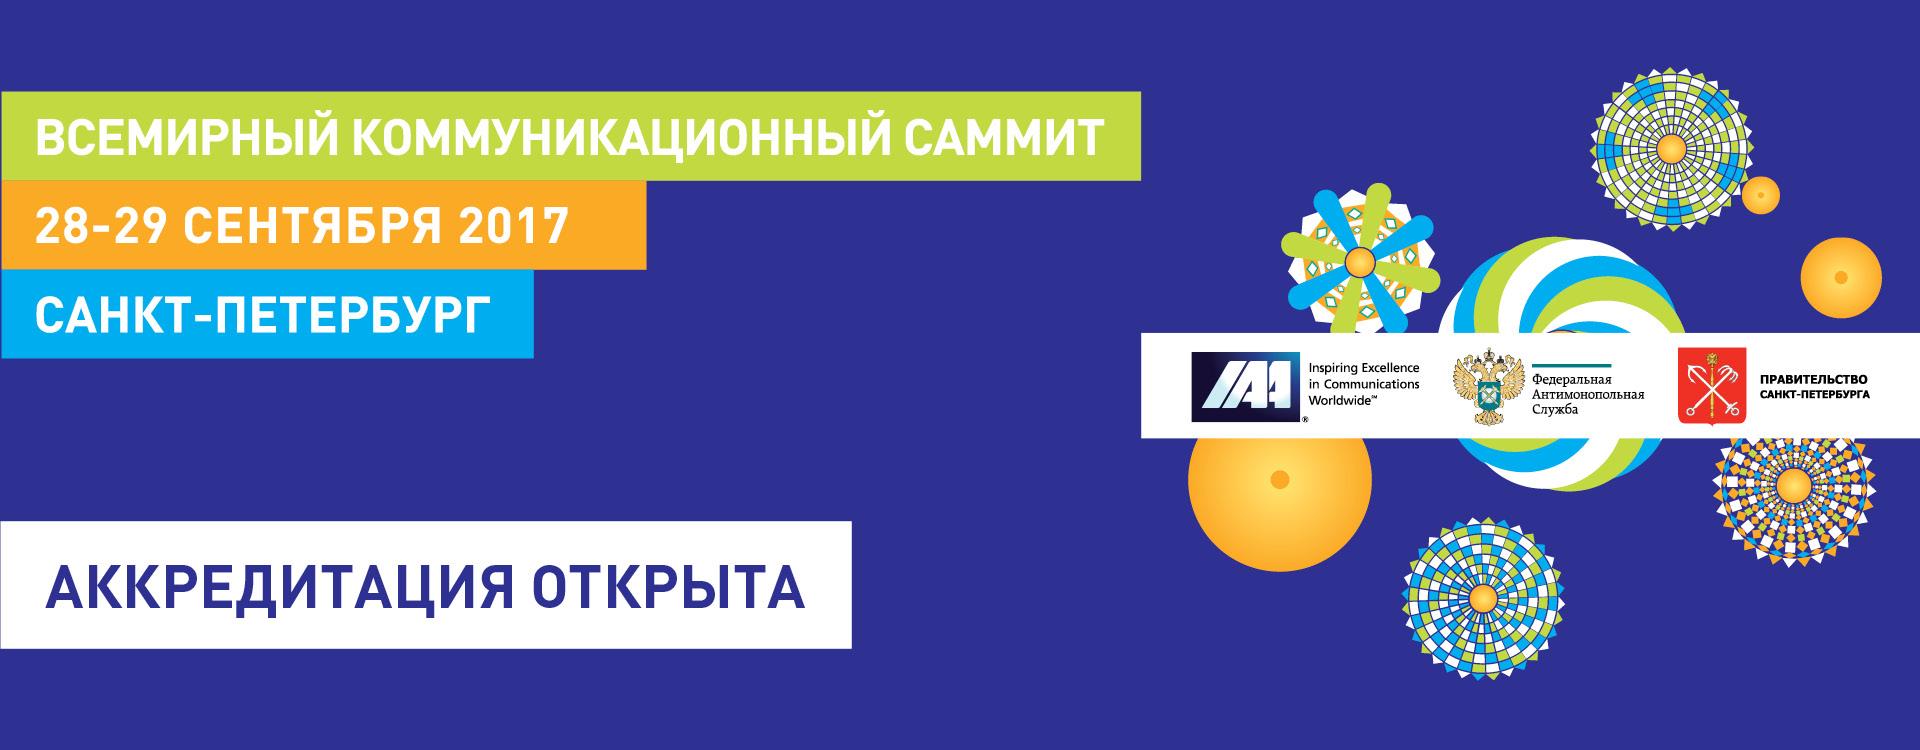 Всемирный коммуникационный саммит в Санкт-Петербурге приглашает на свой сайт!